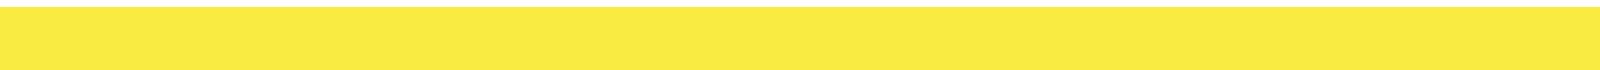 rasgado_rodape_amarelo